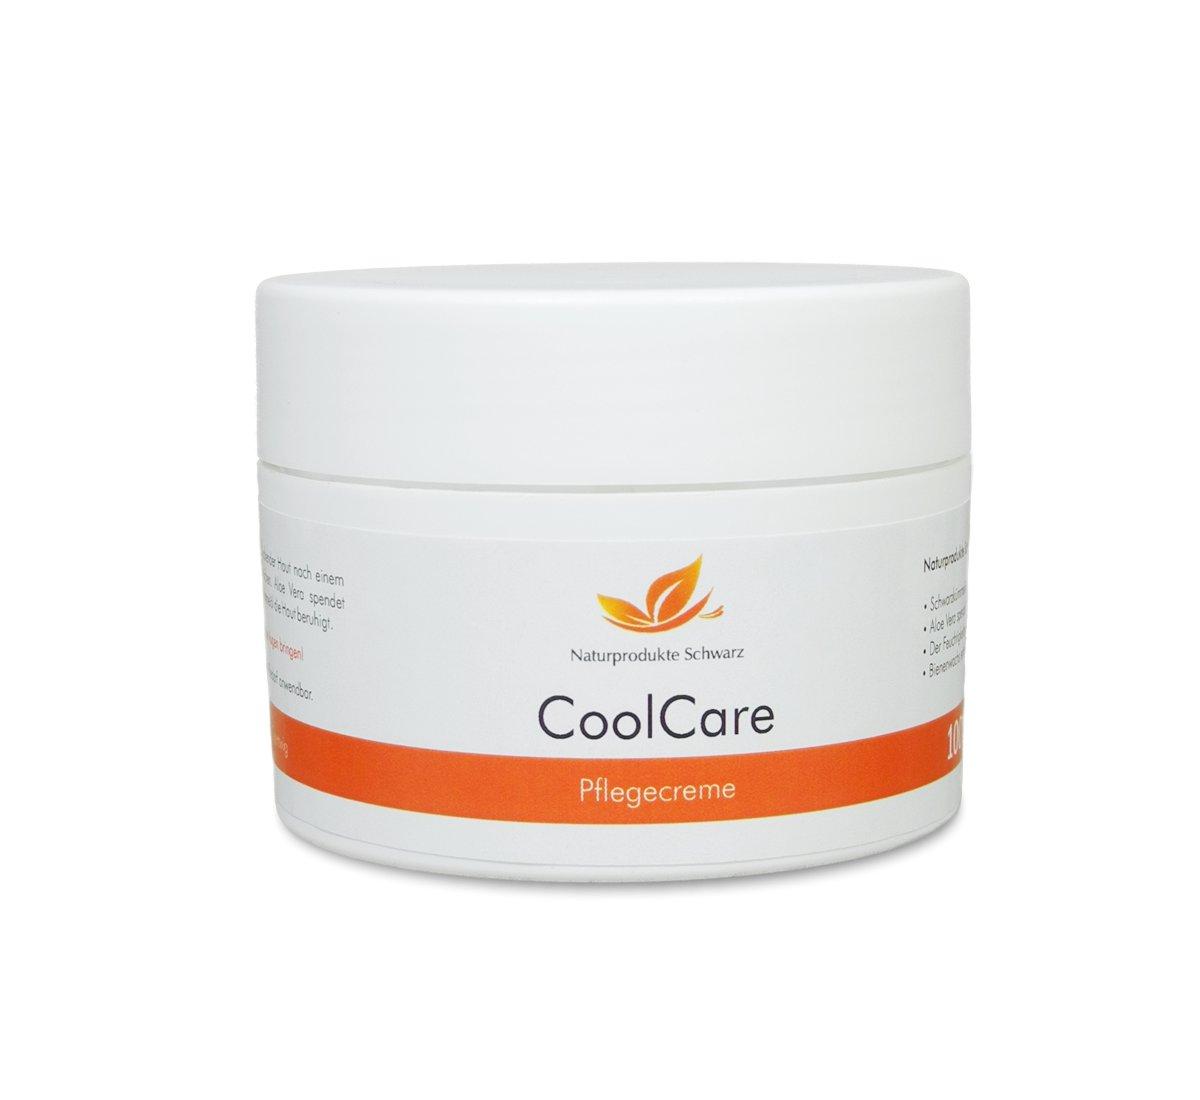 coolcare creme gegen sonnenbrand und m ckenstiche cremen und pflege k rperpflege. Black Bedroom Furniture Sets. Home Design Ideas